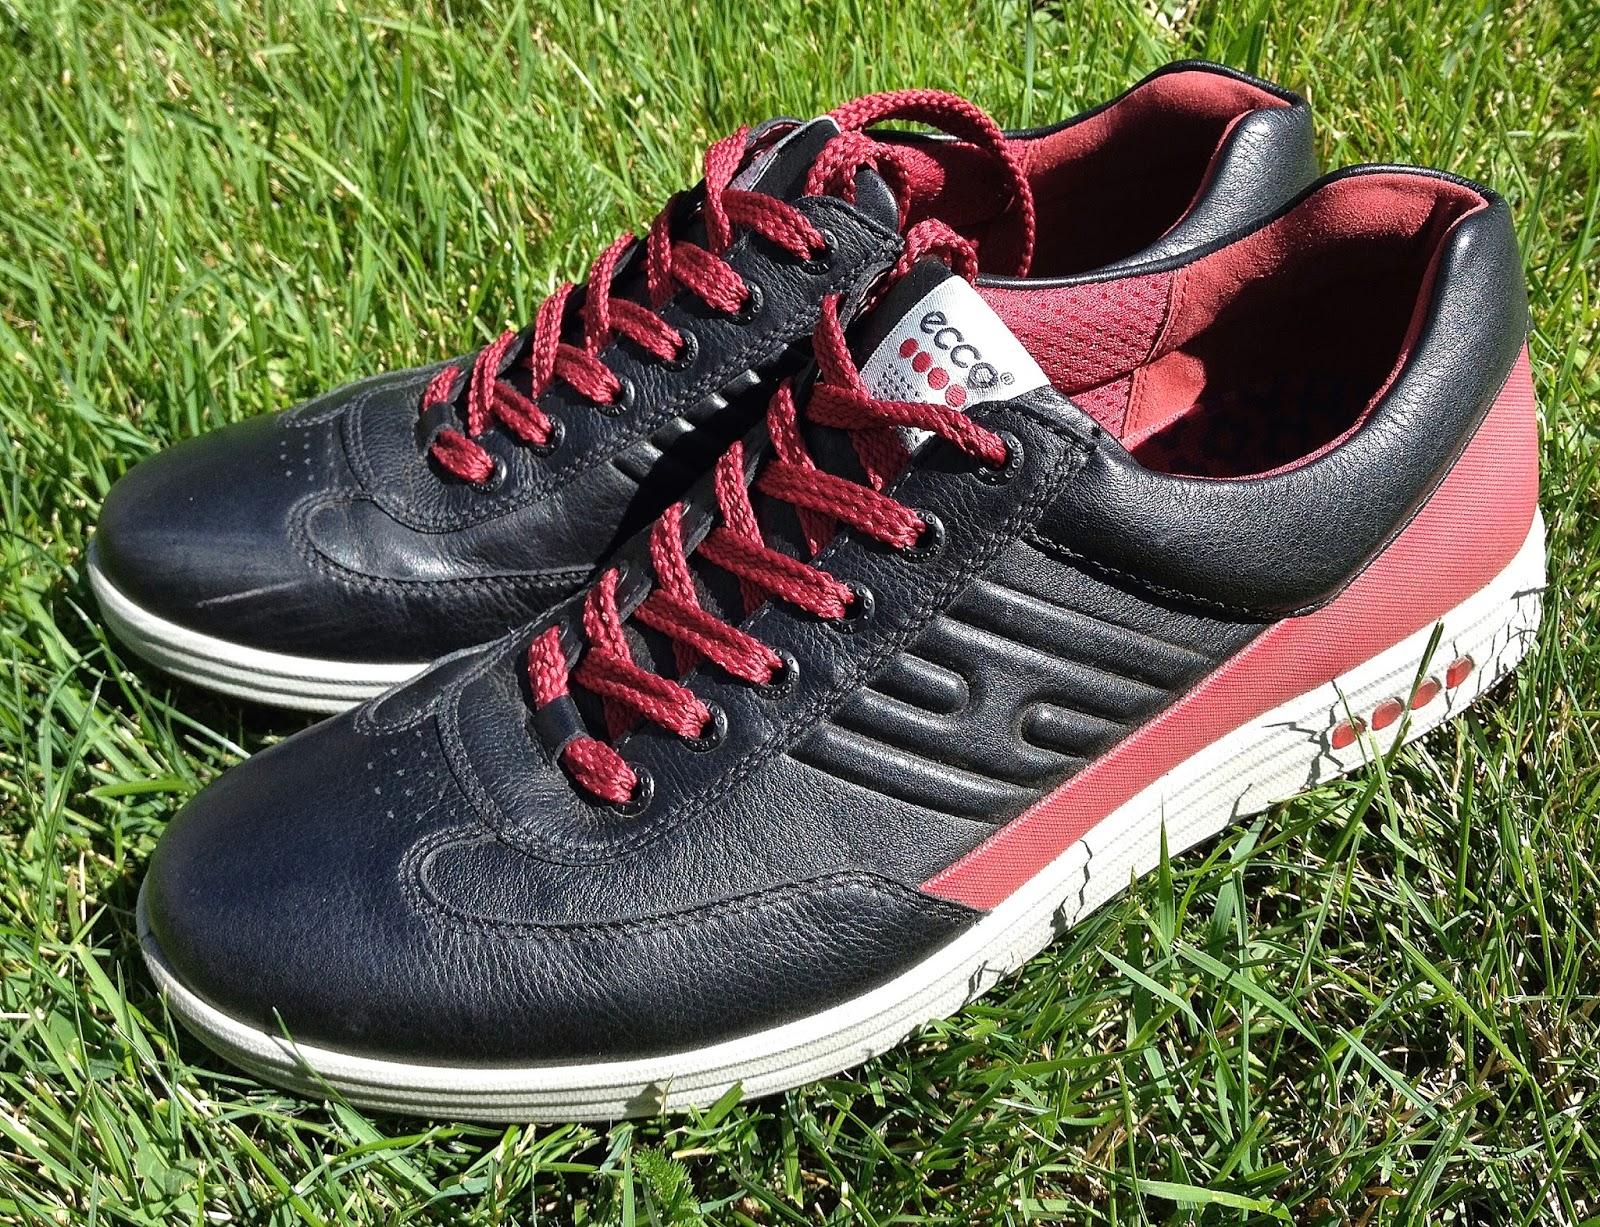 43e0d3180de2 Shoe Review  ECCO Street Evo One « Ottawa Golf Blog